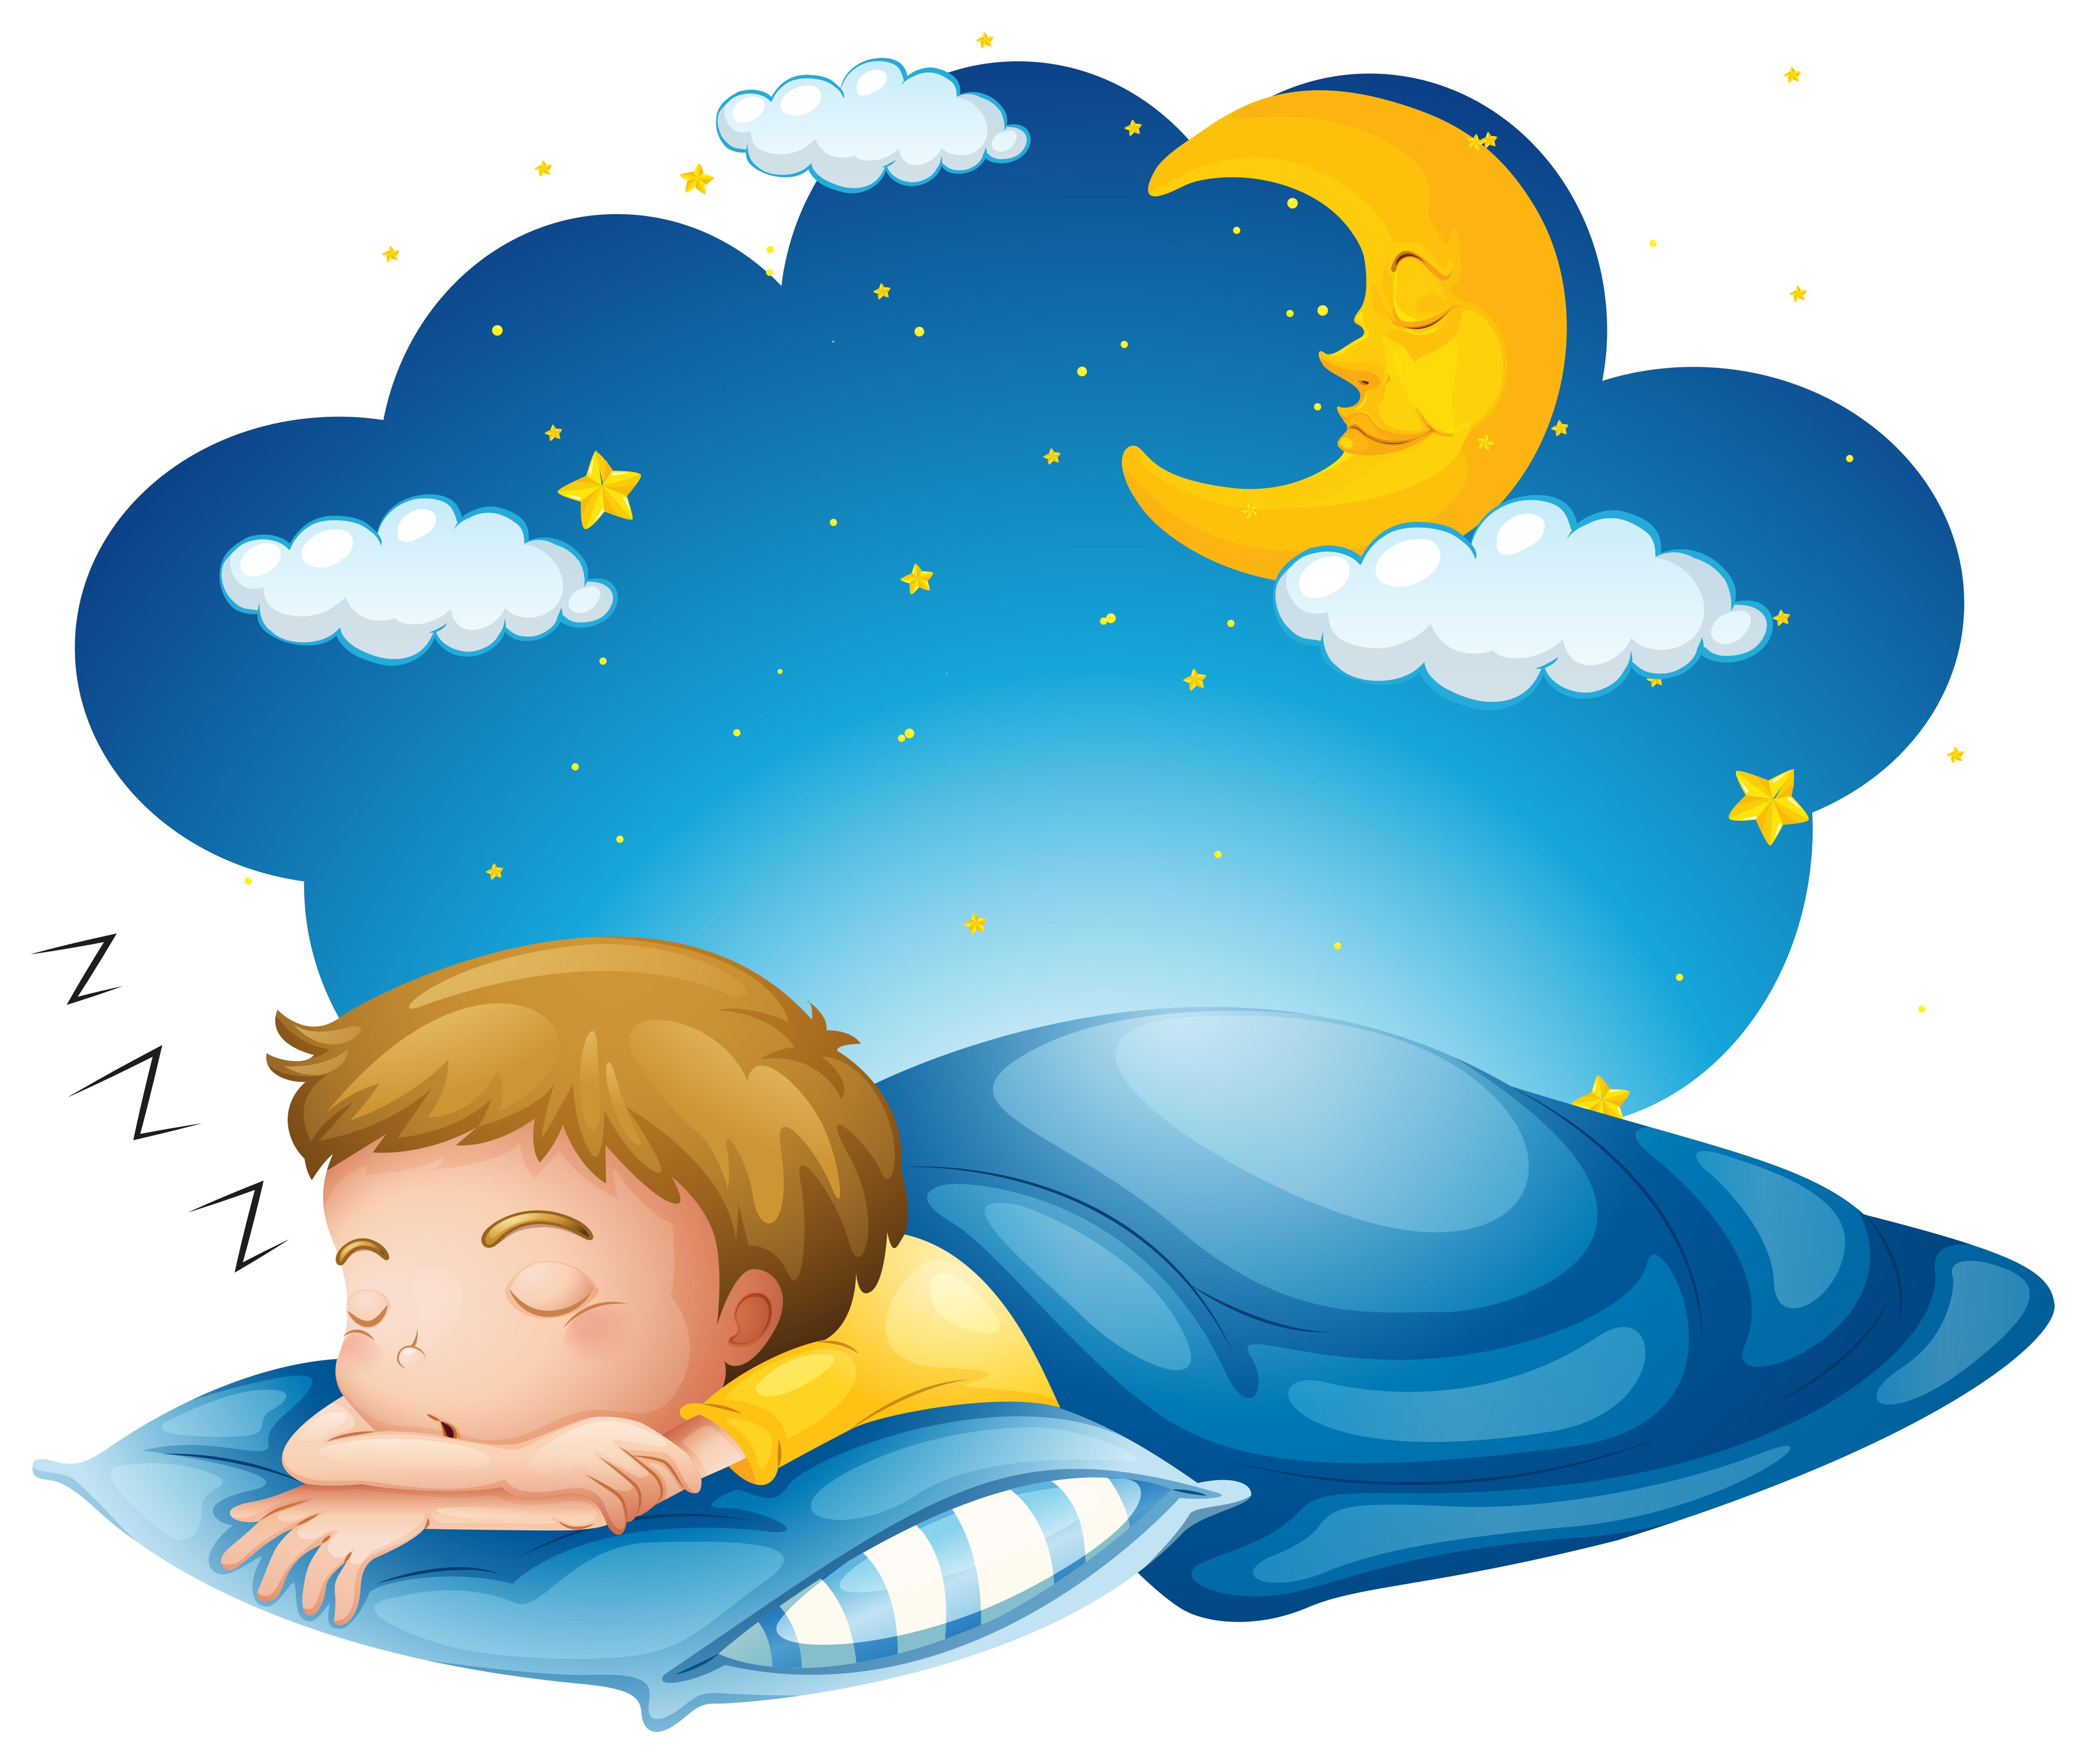 Boy sleeping on blue blanket - Download Free Vectors